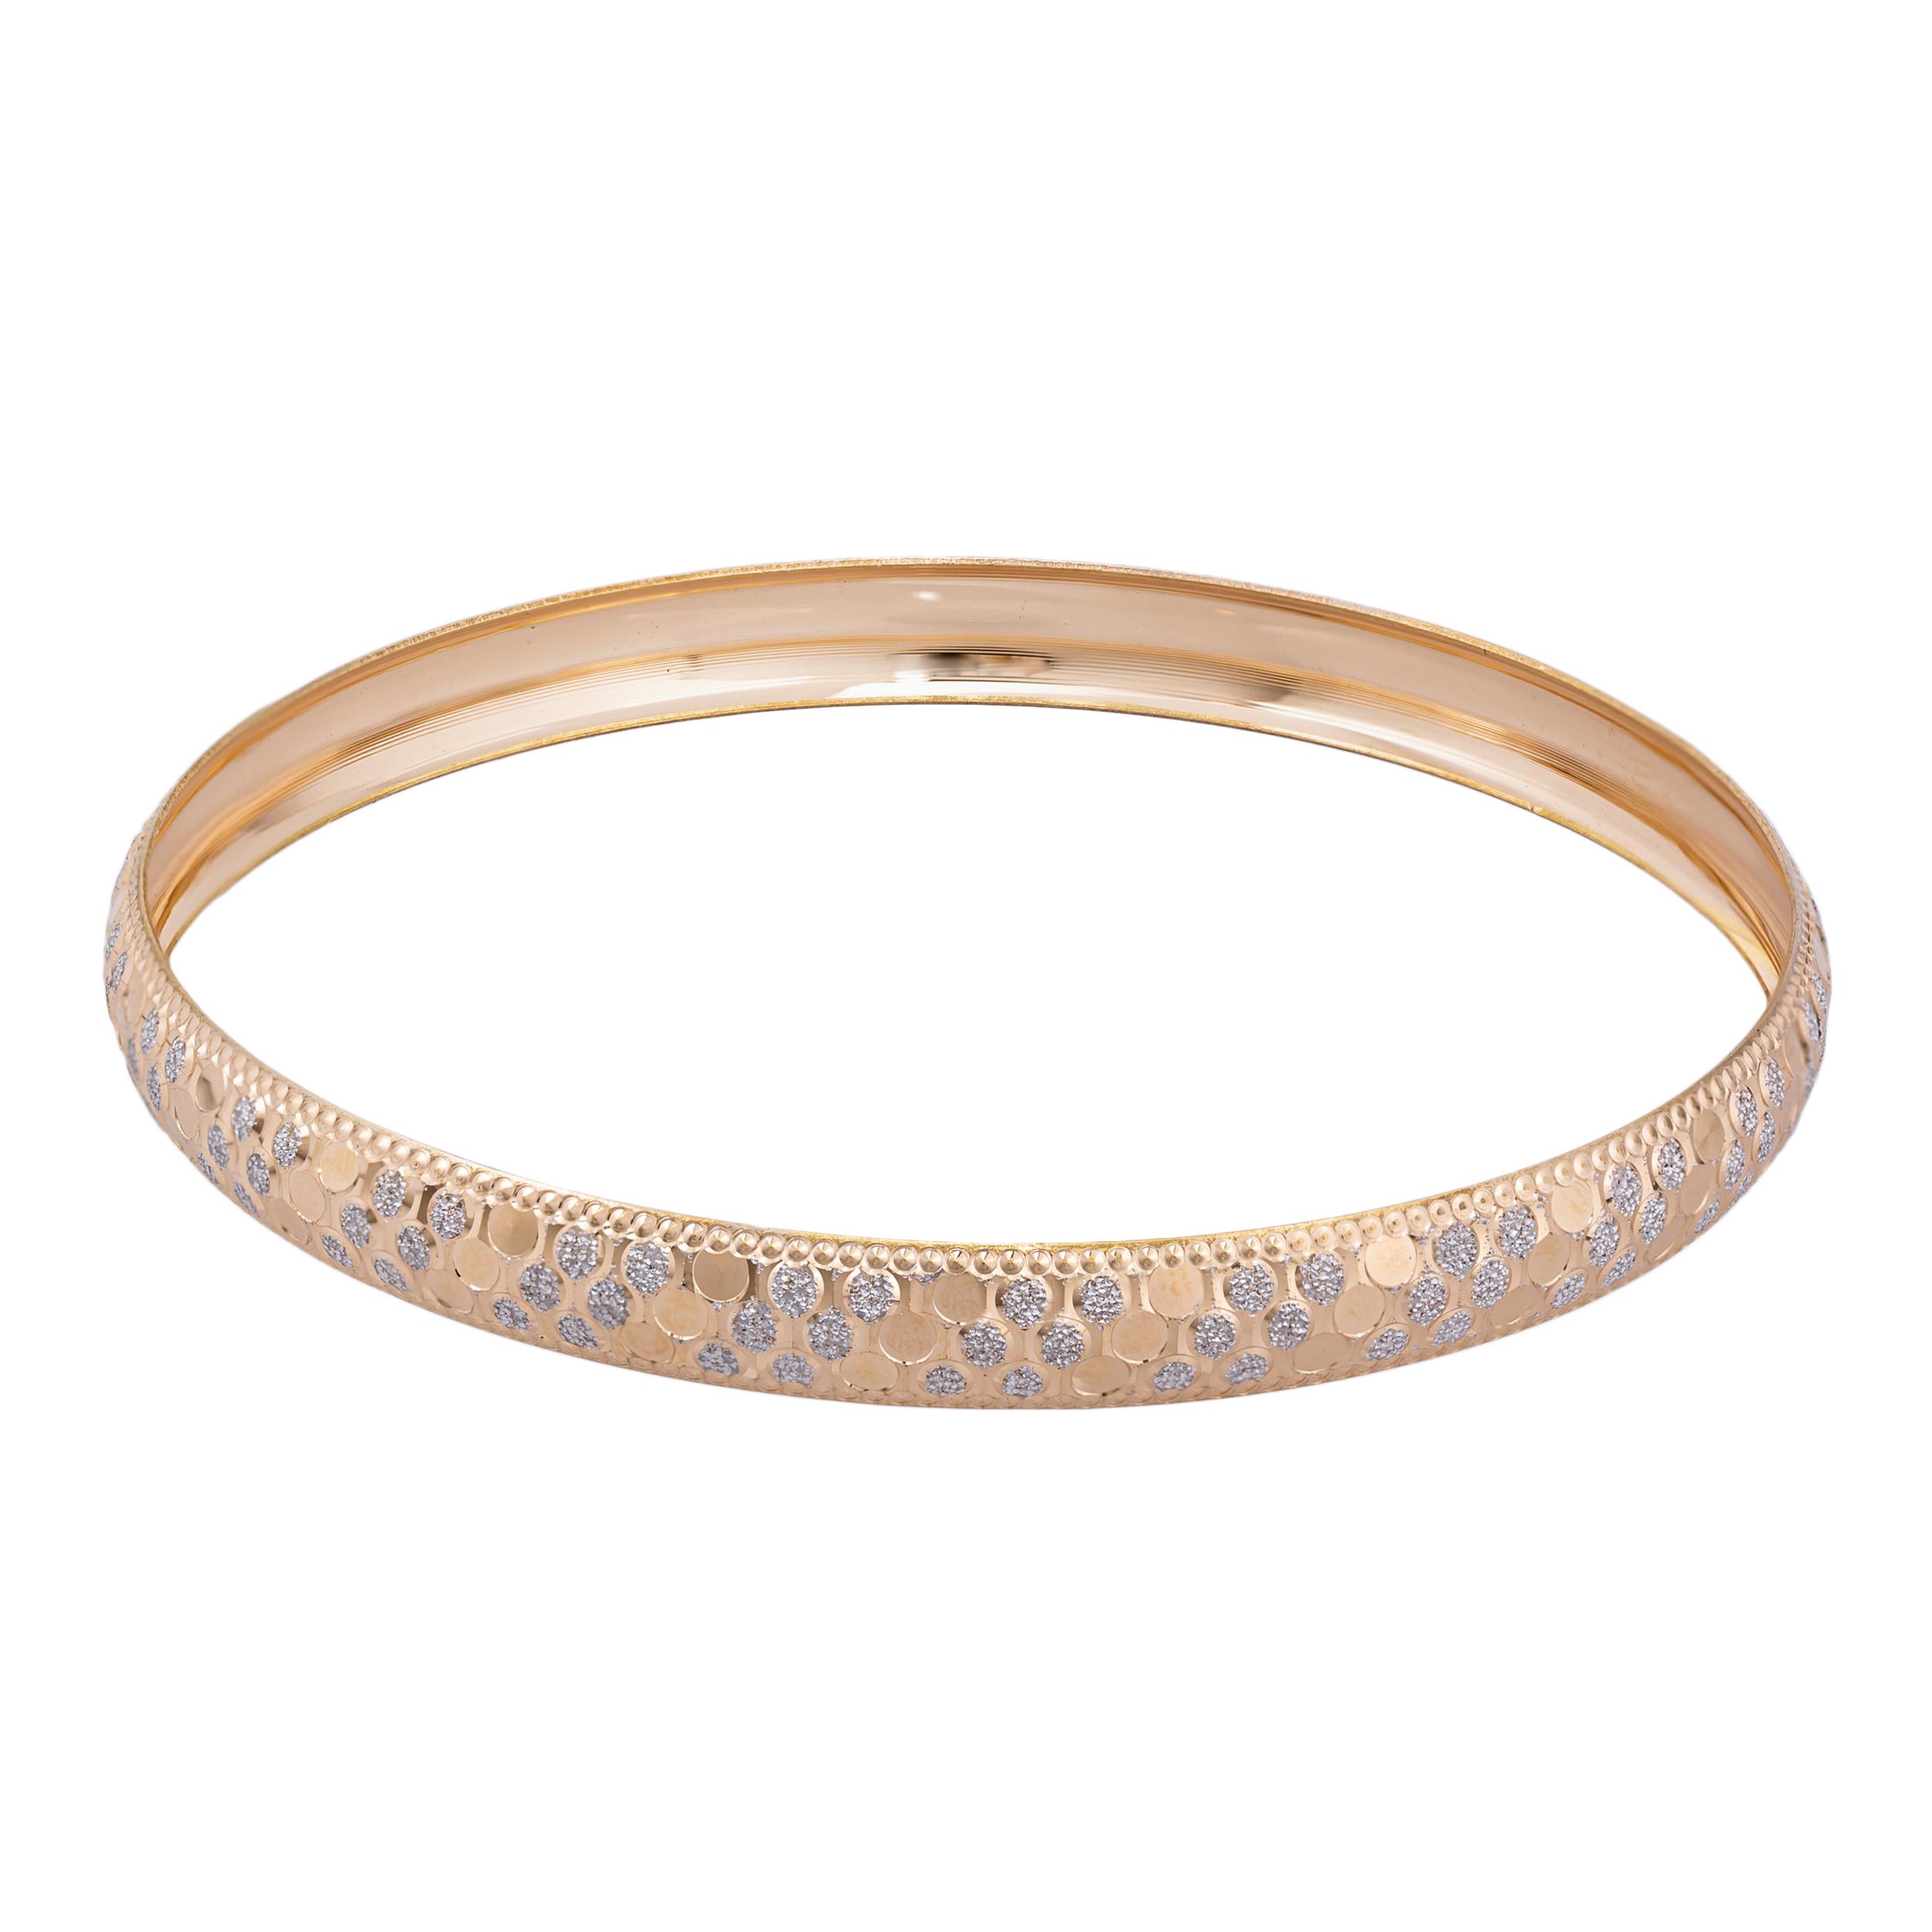 النگو طلا 18 عیار زنانه گالری یارطلا کد AL16-W-4